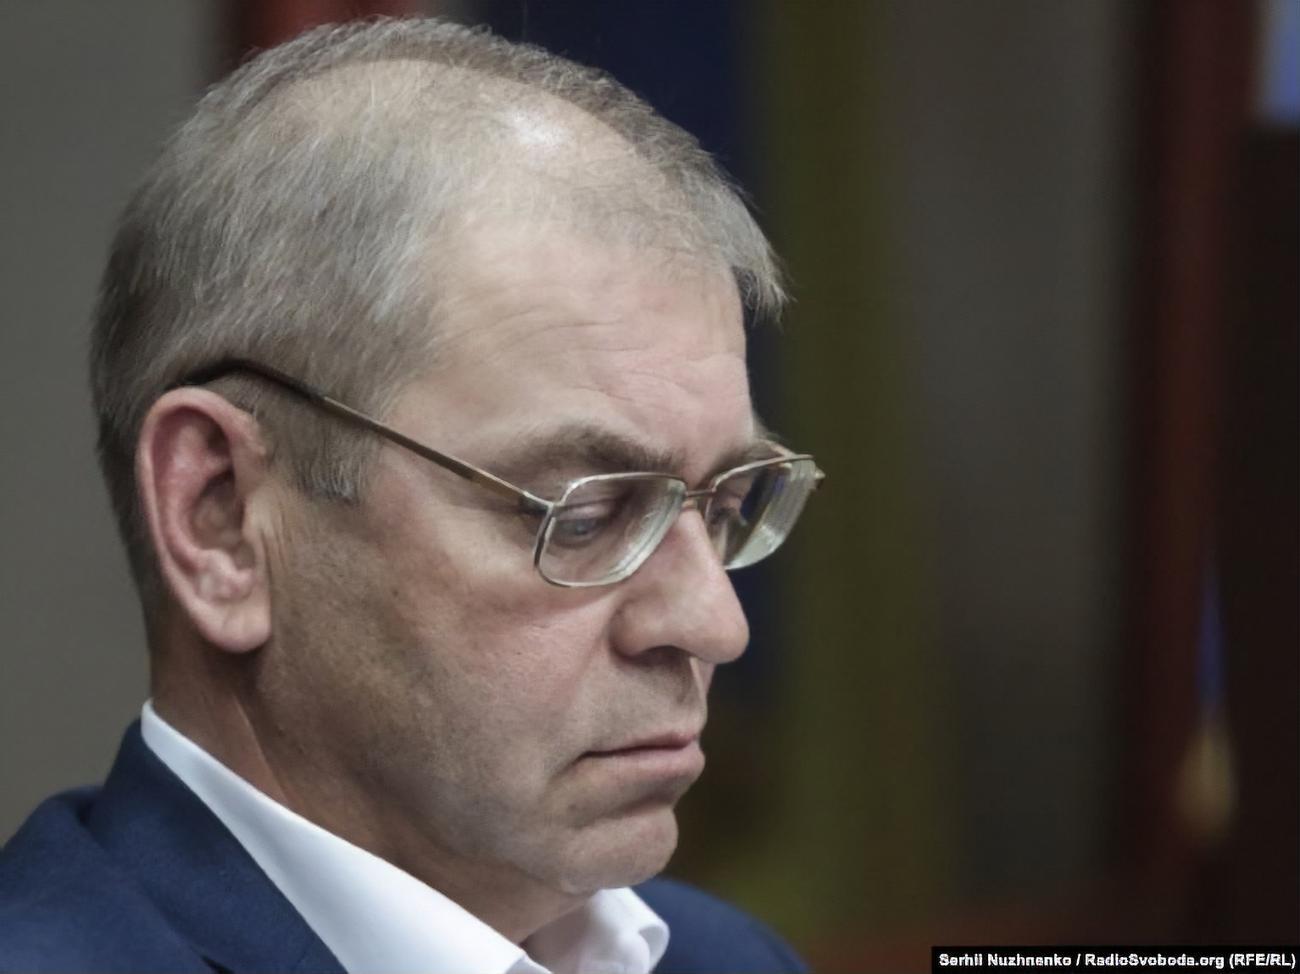 Пашинского не доставили в суд из-за 'угрозы от российских спецслужб' -